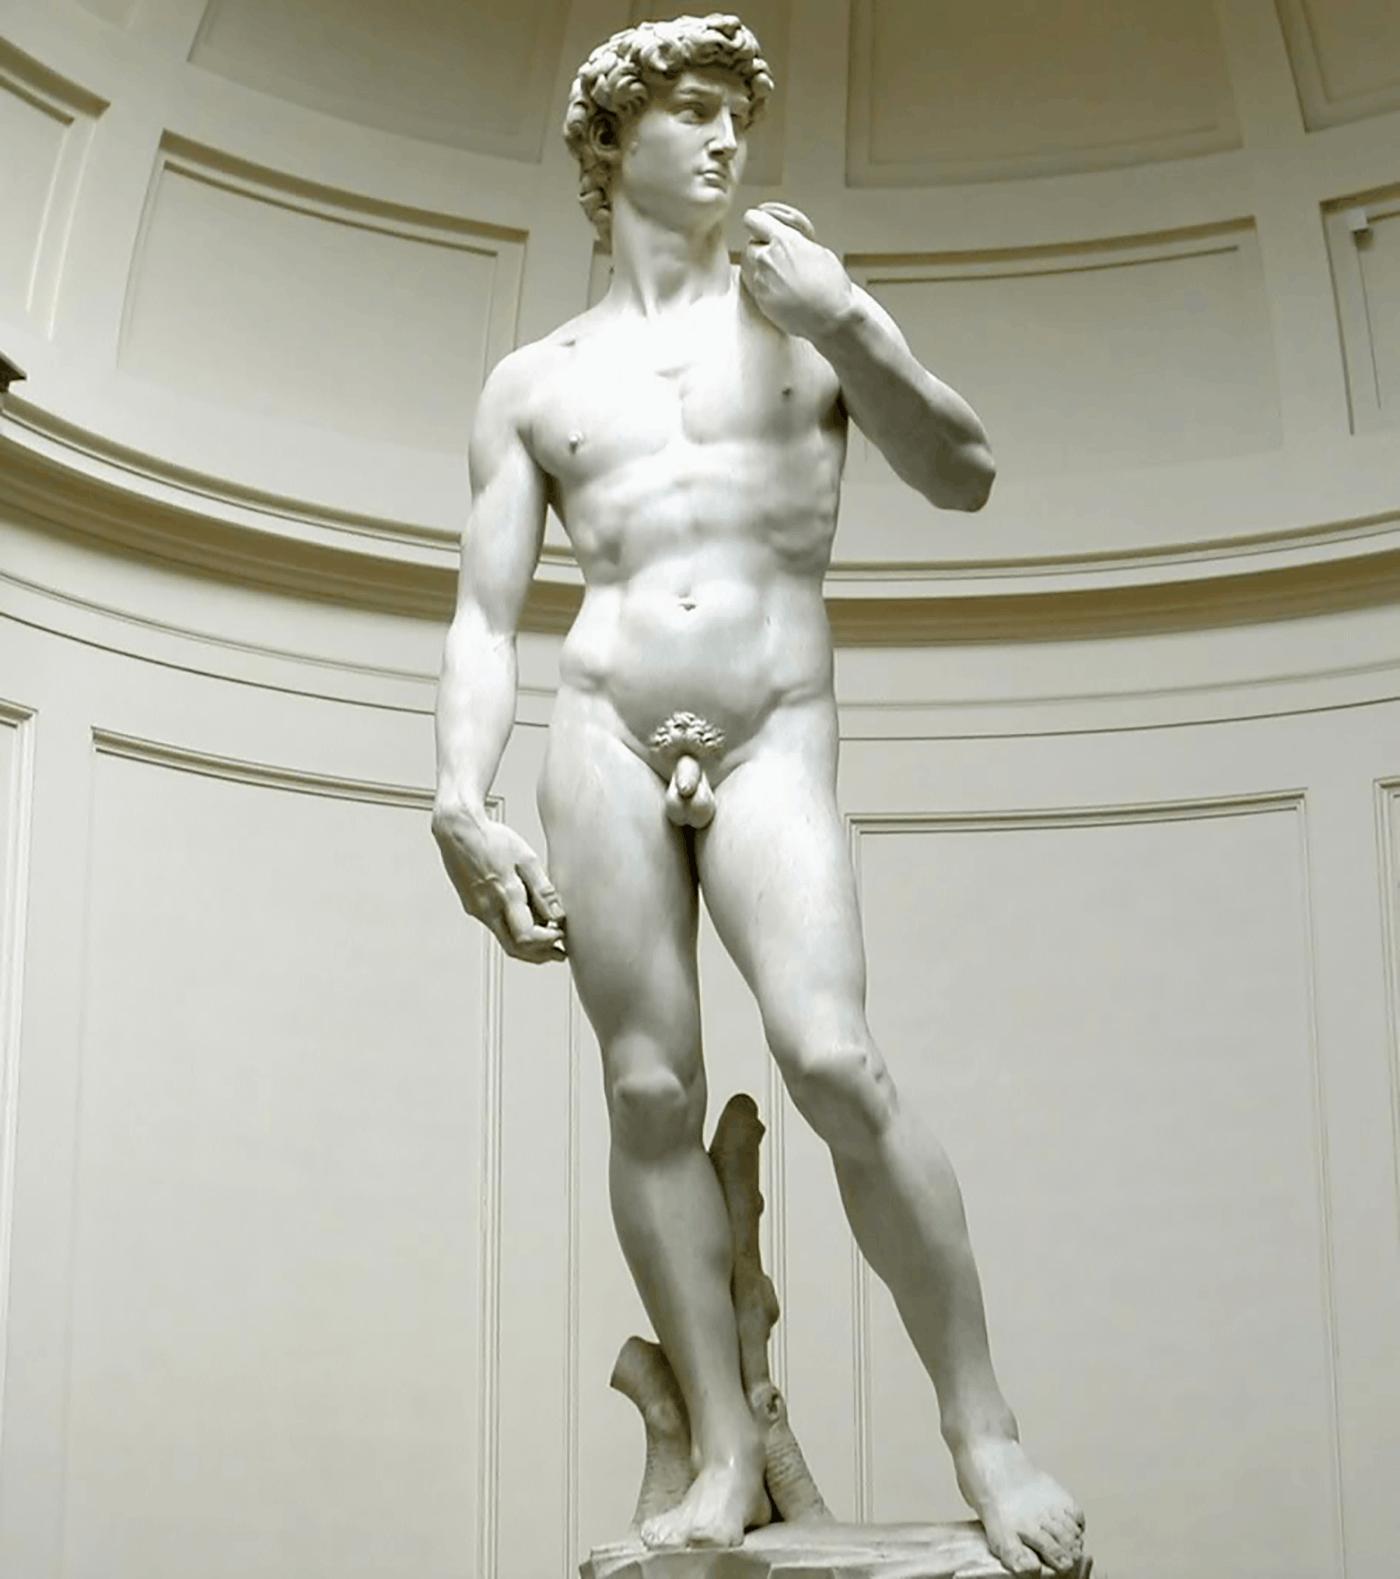 美术史上最优秀男人体《大卫》右手藏秘密武器